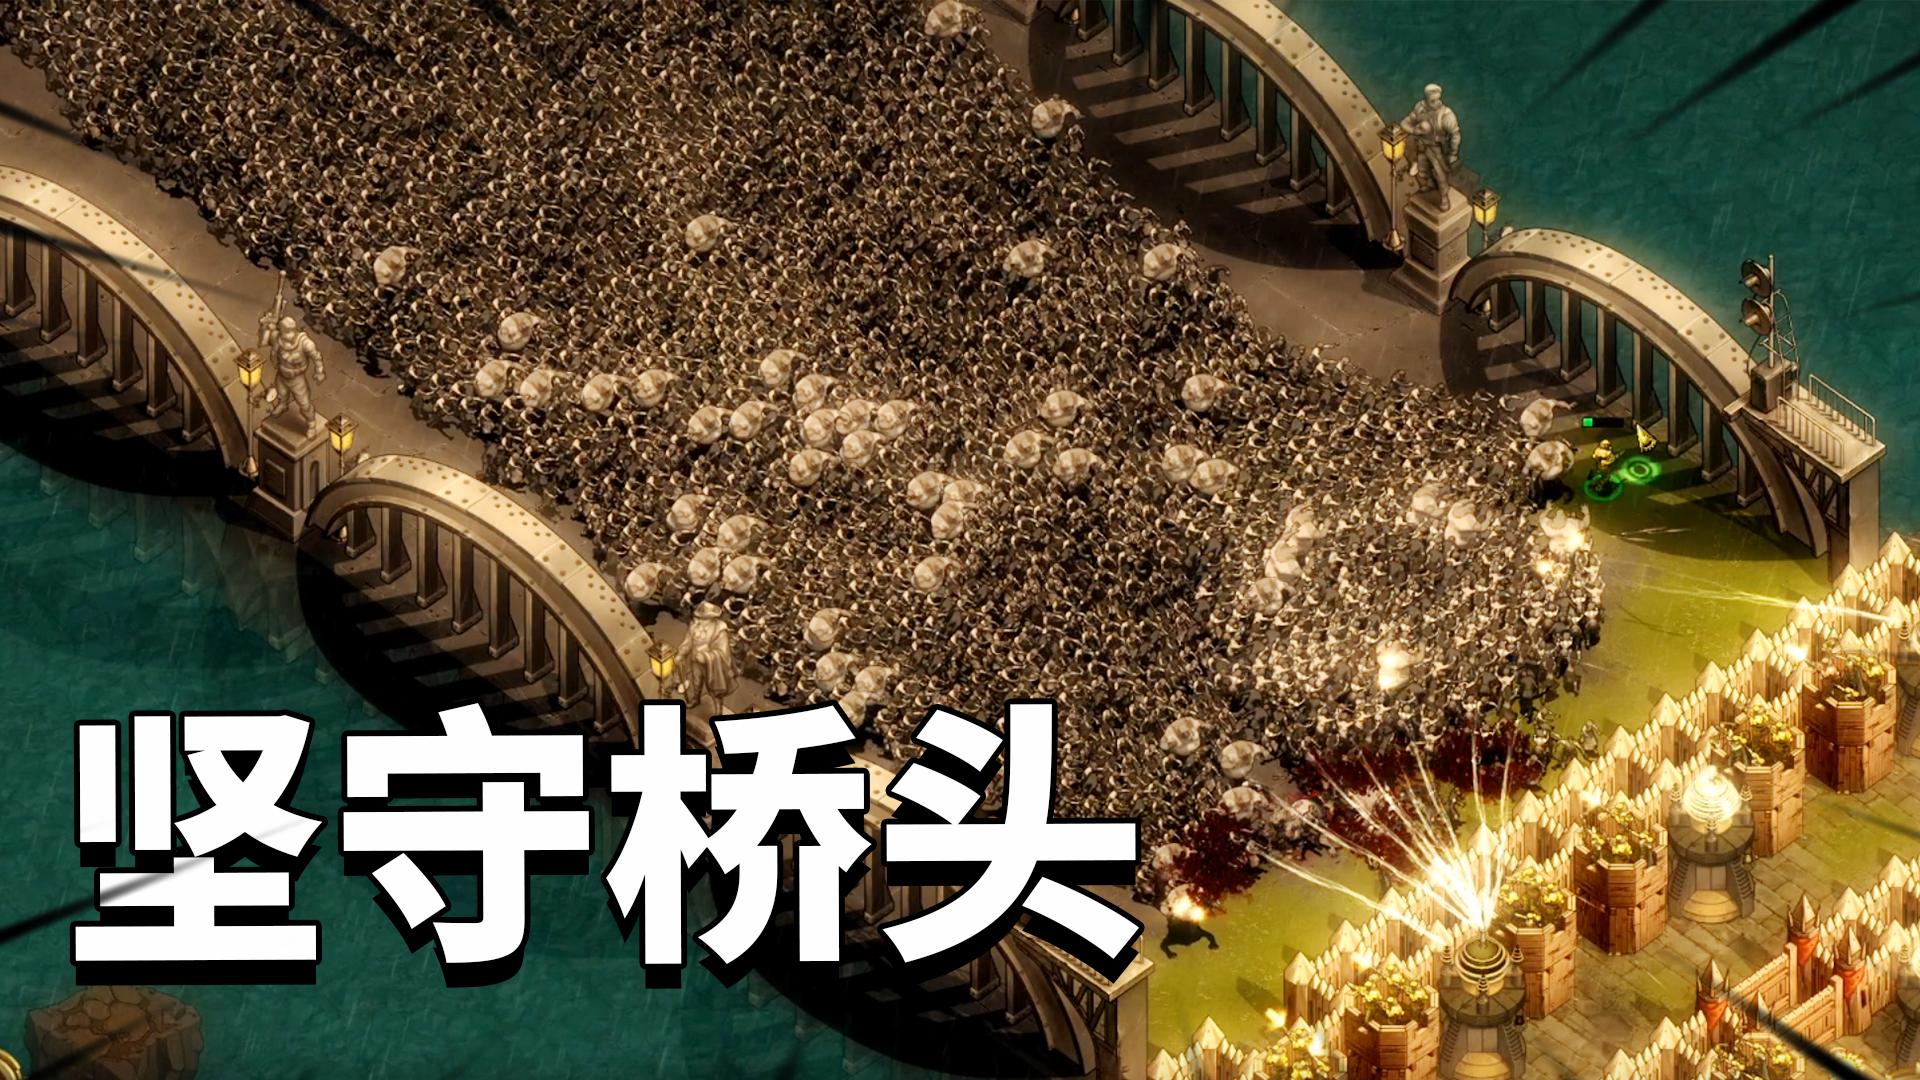 亿万僵尸:凭借高科技电磁塔坚守桥头,抵挡数万僵尸的疯狂进攻!